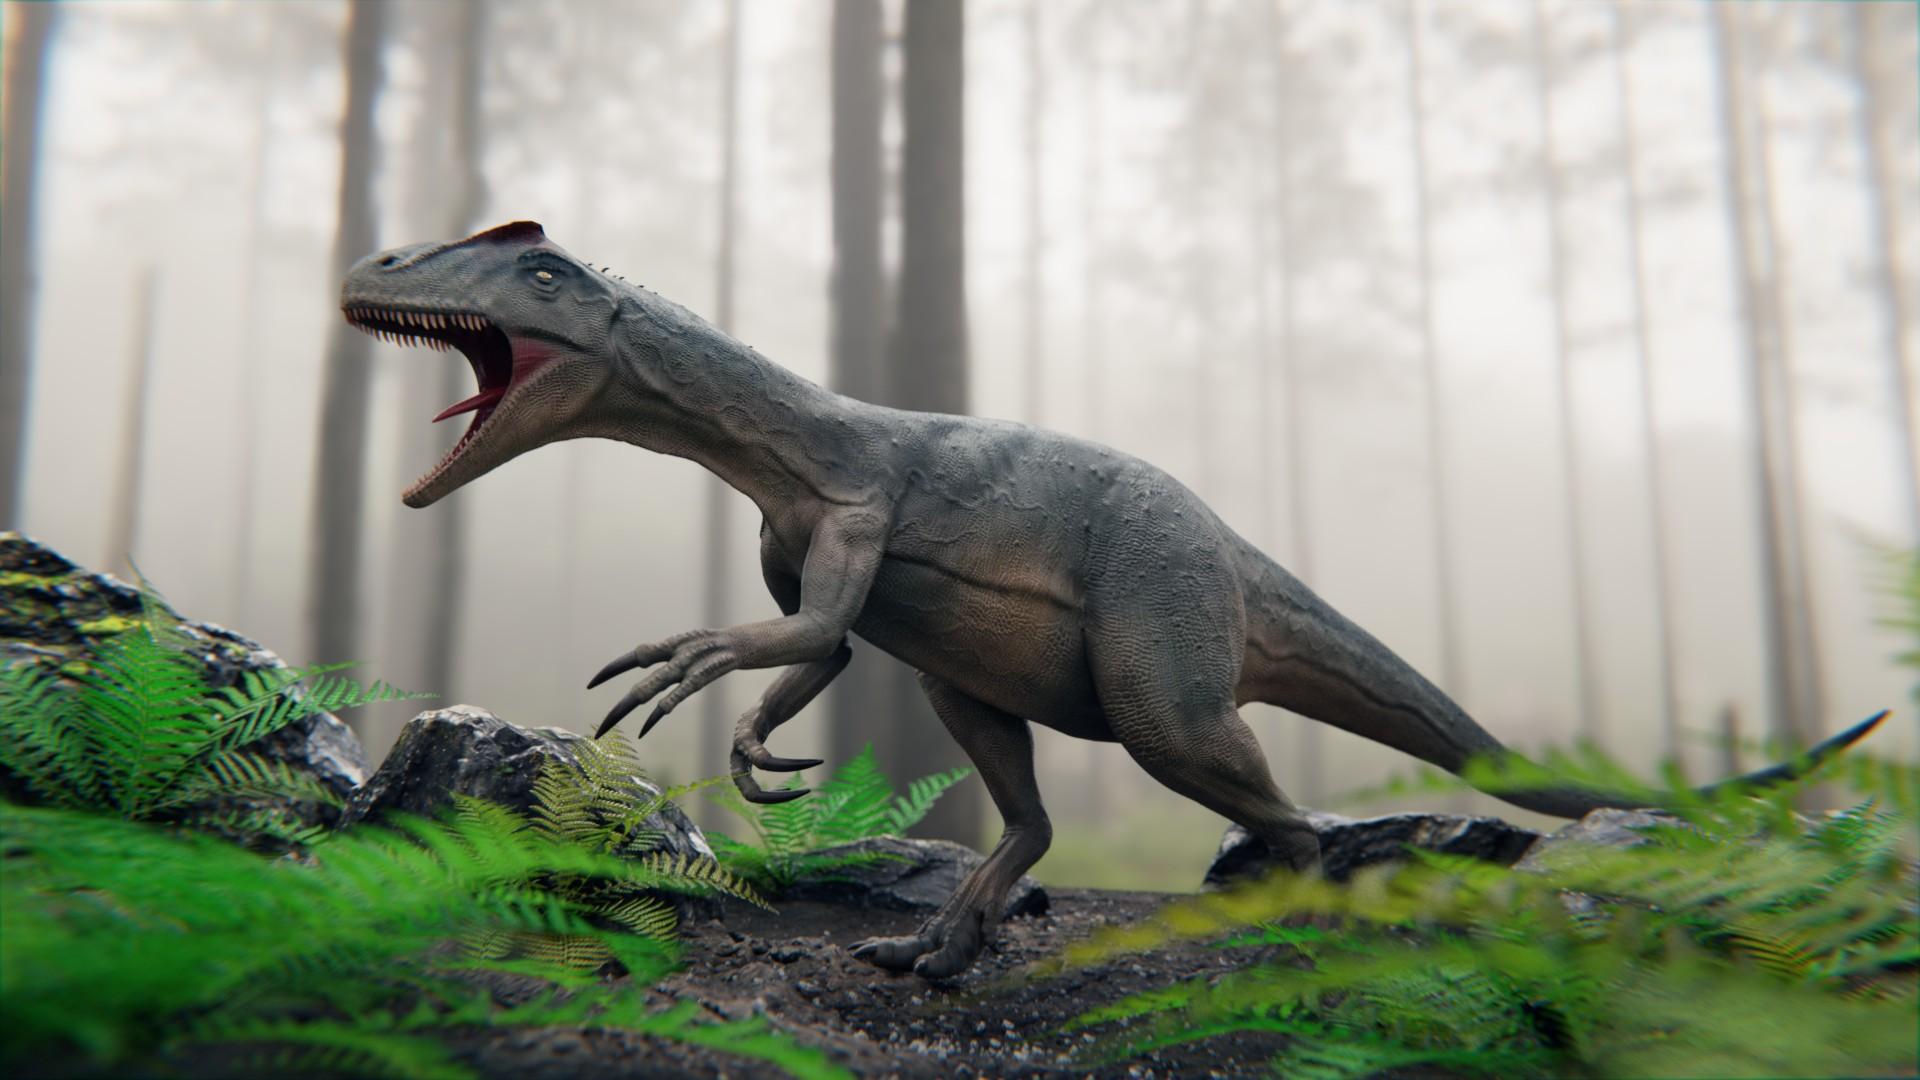 Tuto Maitrisez Blender Avec La Création D Un Dinosaure 3d 2 7 Sur Tuto Com